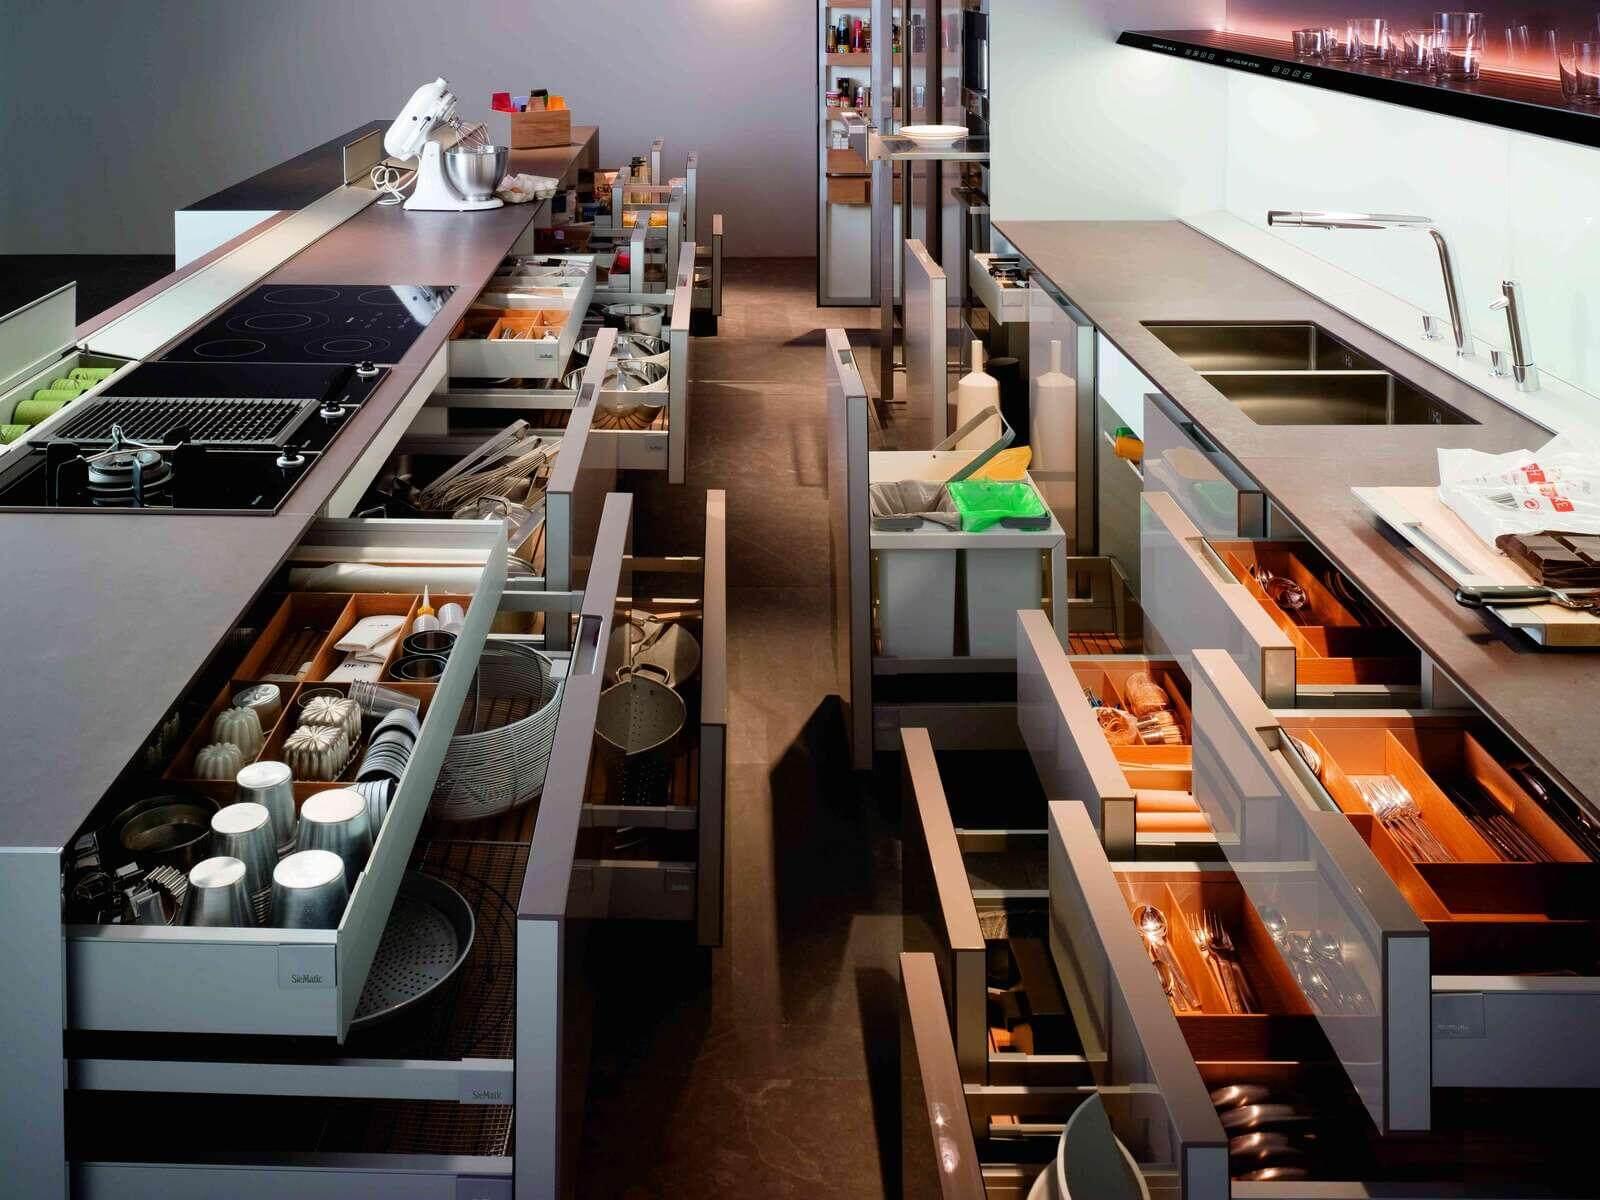 выделяются функциональные кухни в картинках подсоединённым глушителем обладает